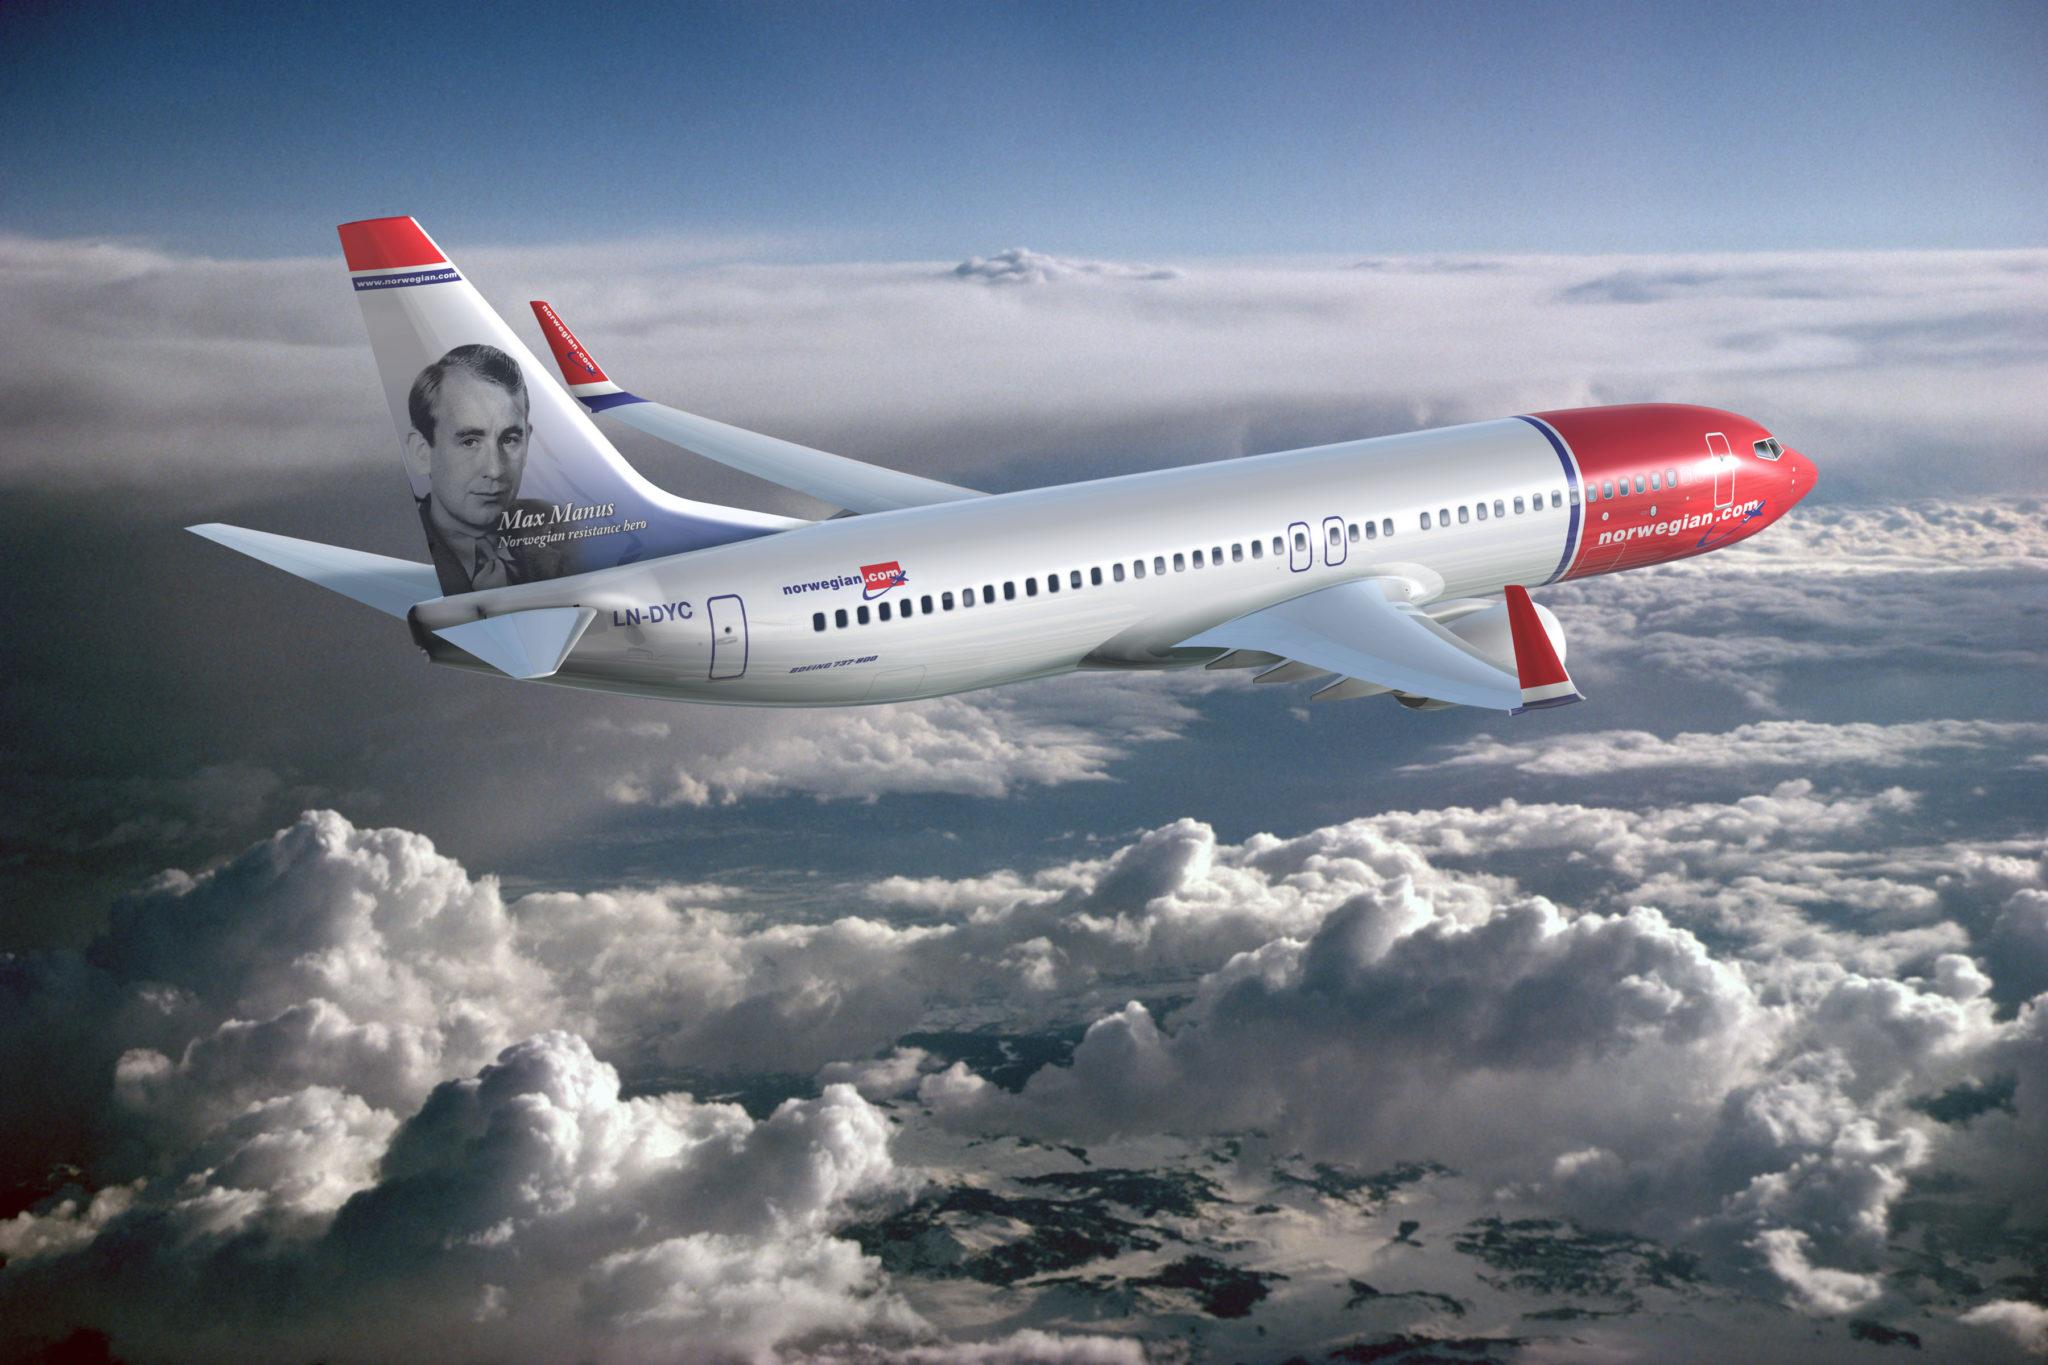 Norwegian Air Shuttle News